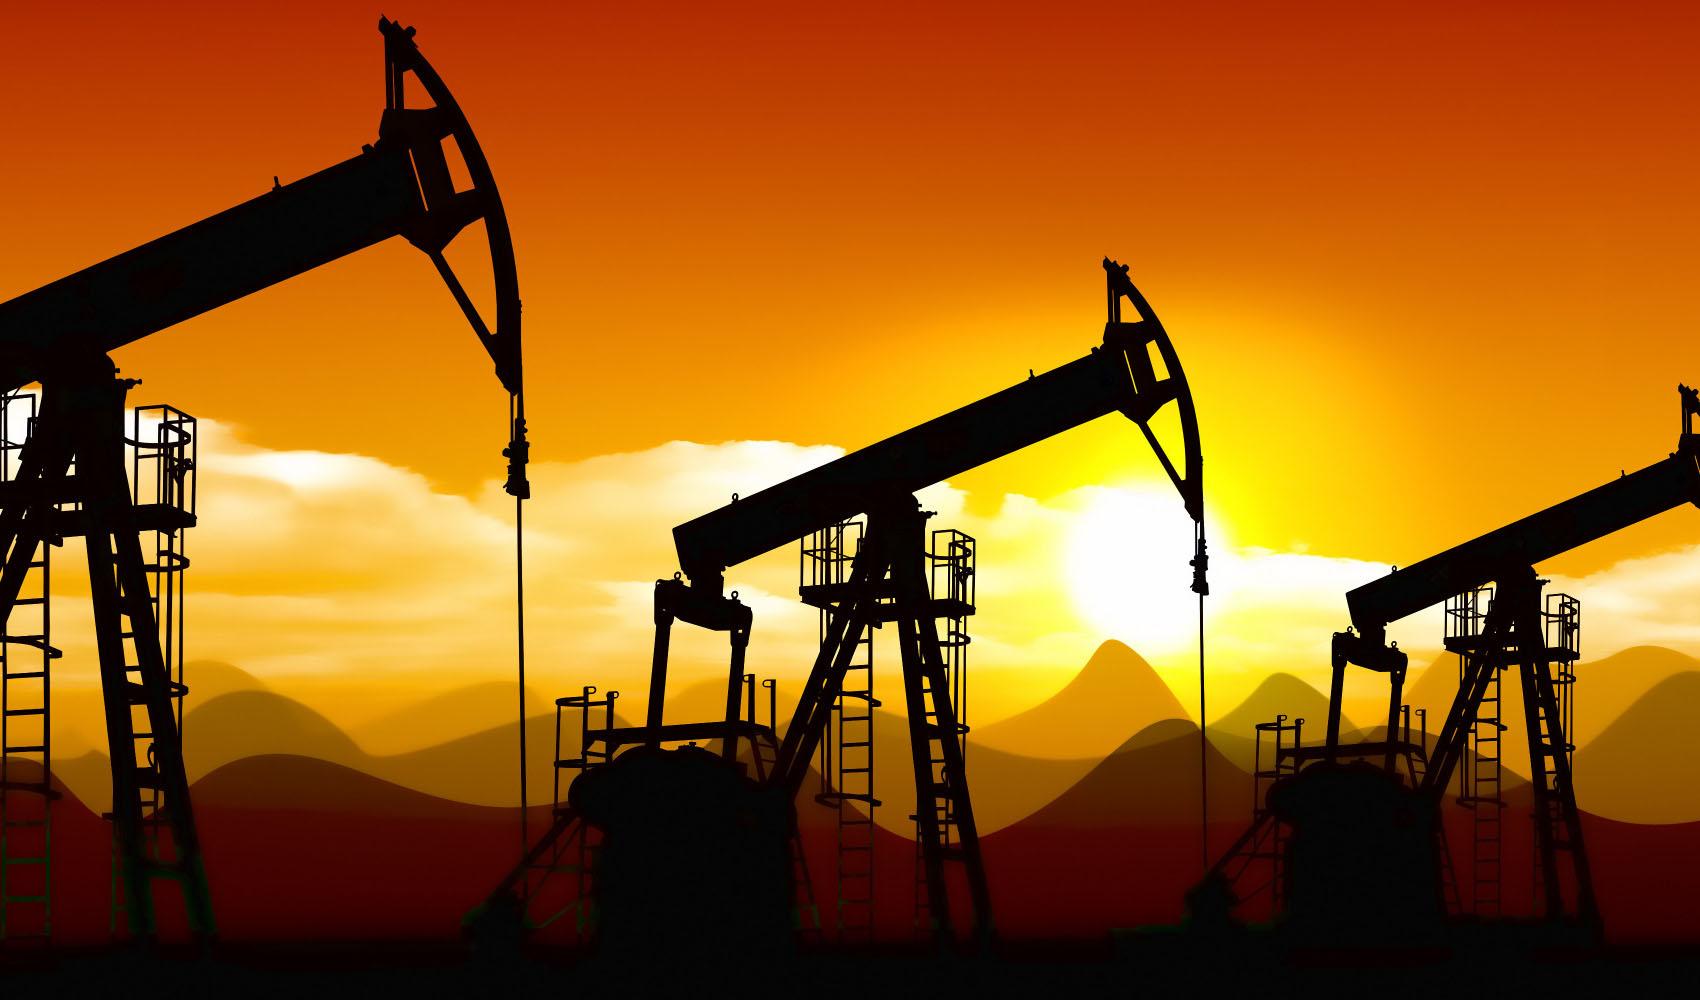 کاهش اجباری ۲۰ درصدی تولید در قلب نفت آمریکا